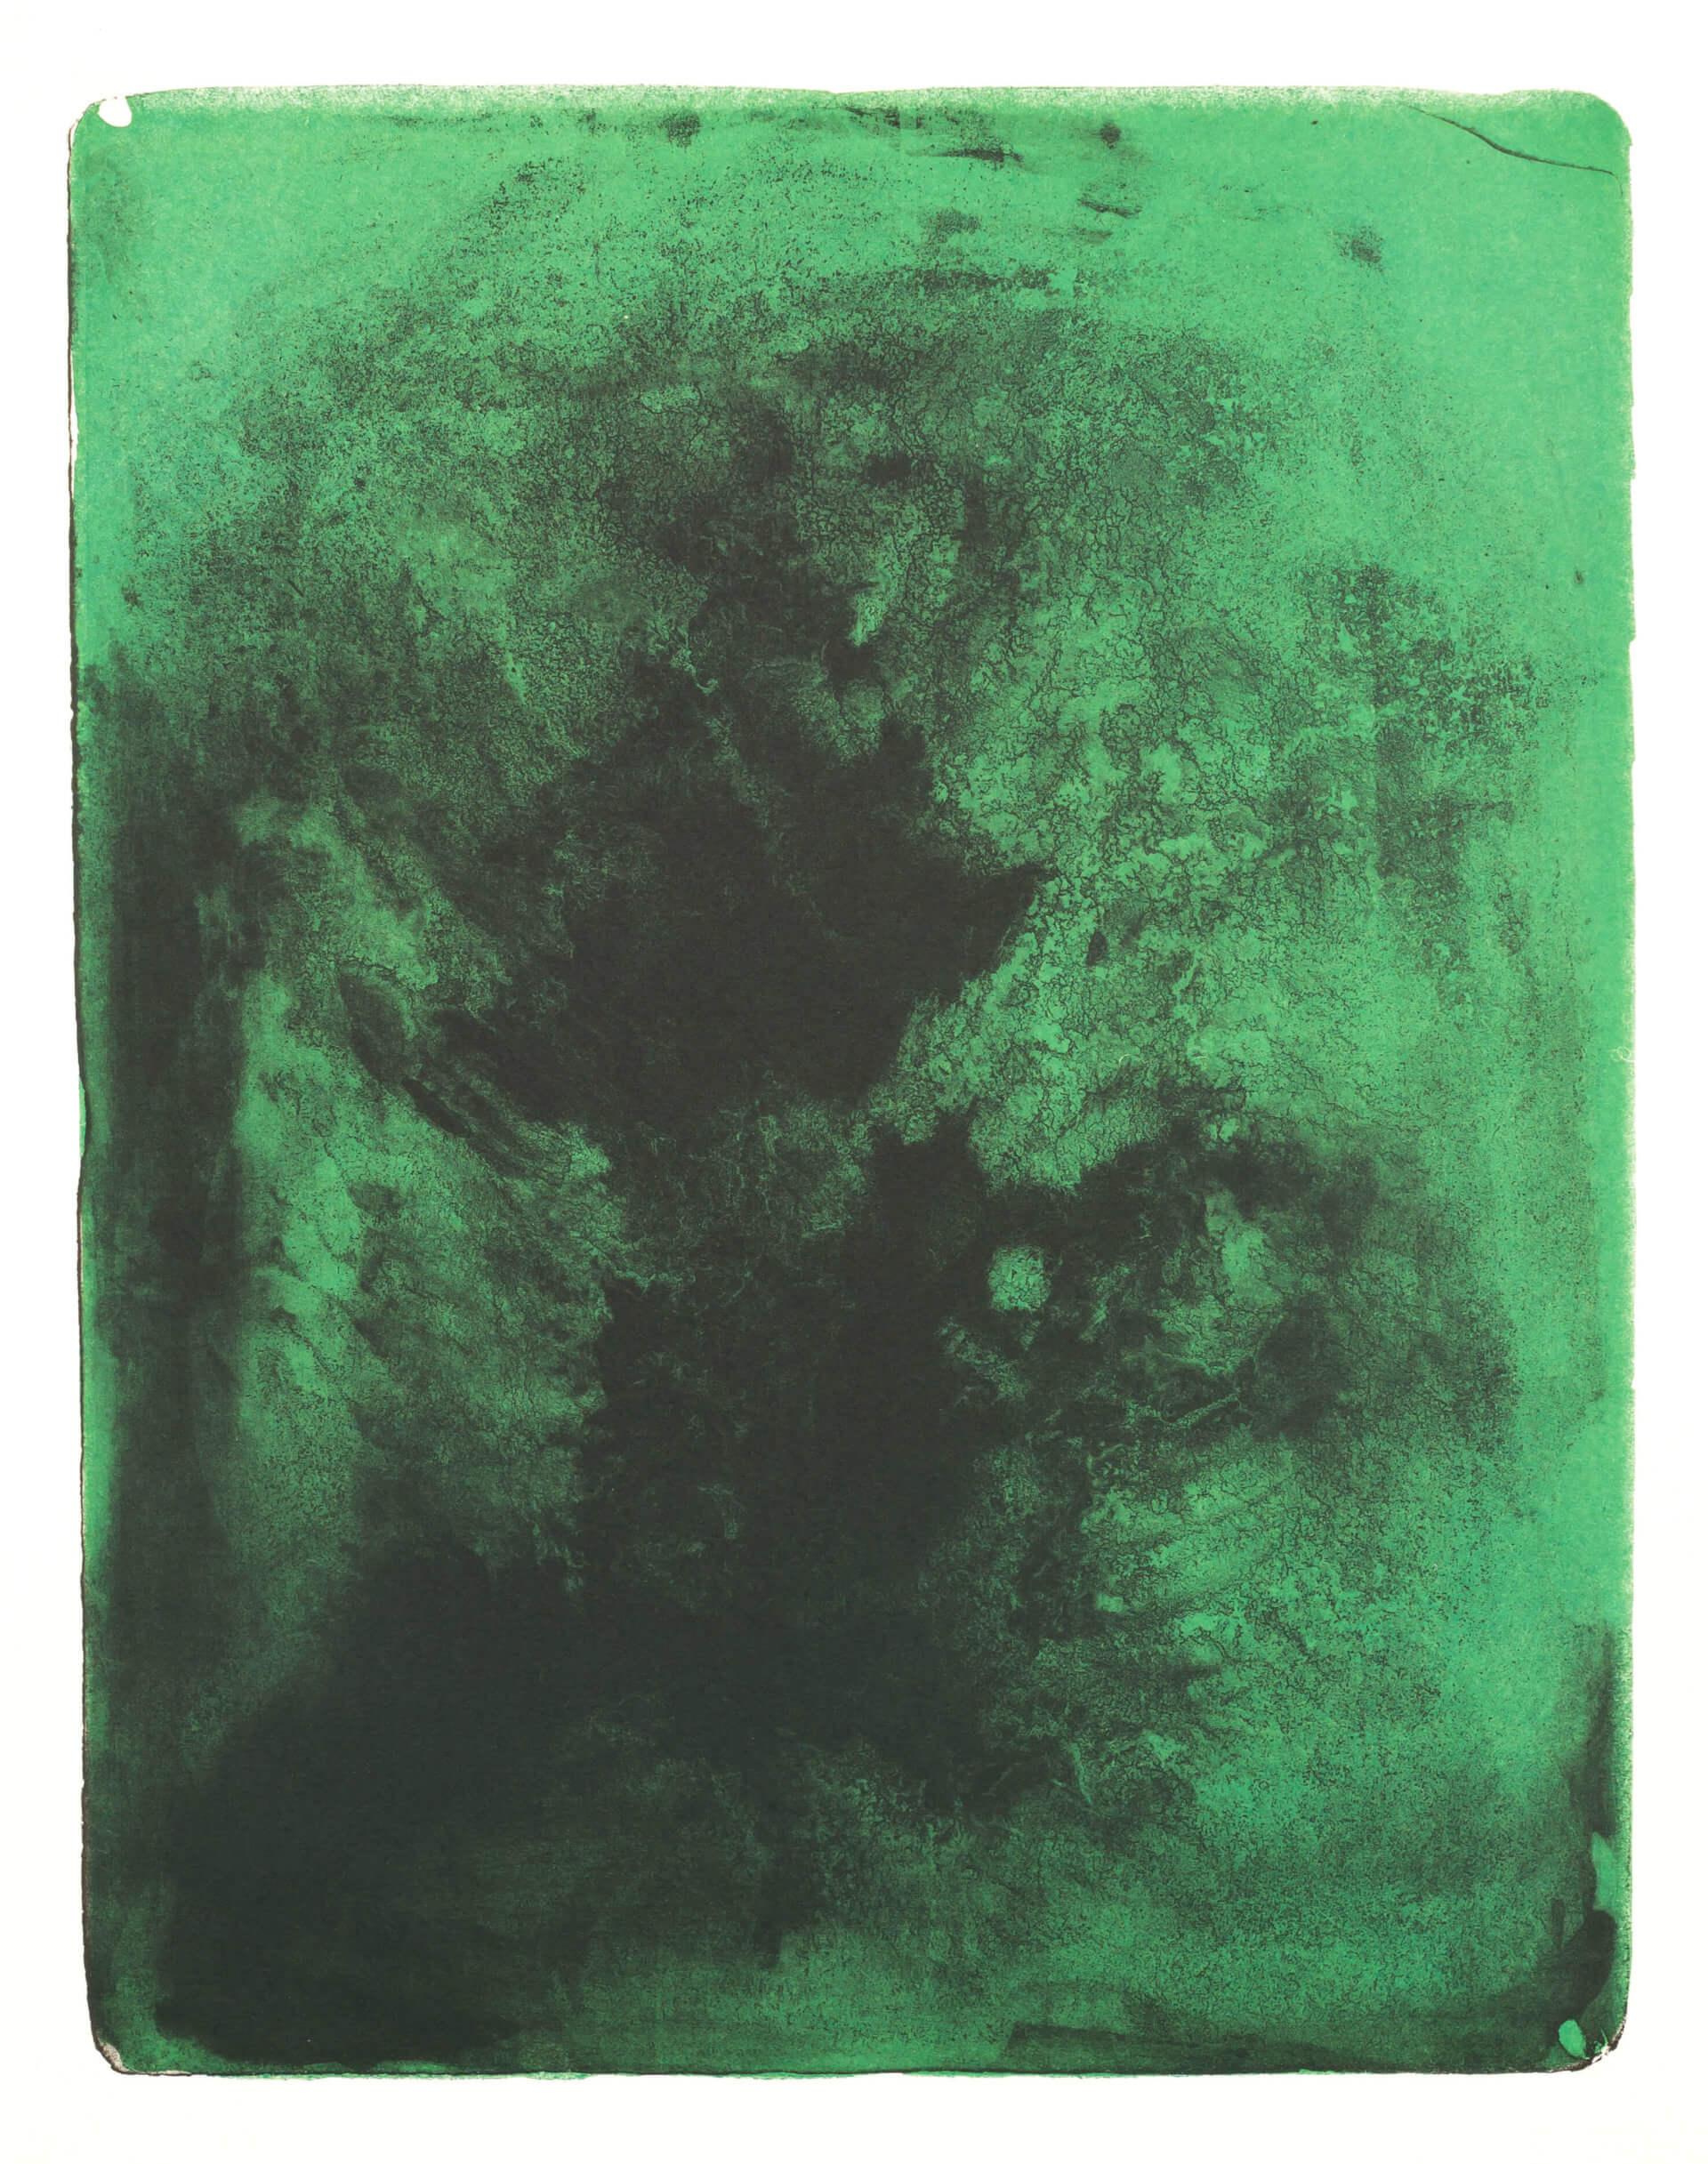 Wald X(K)-XI, 2018, Farblithographie, Unikat, 50x40 cm.